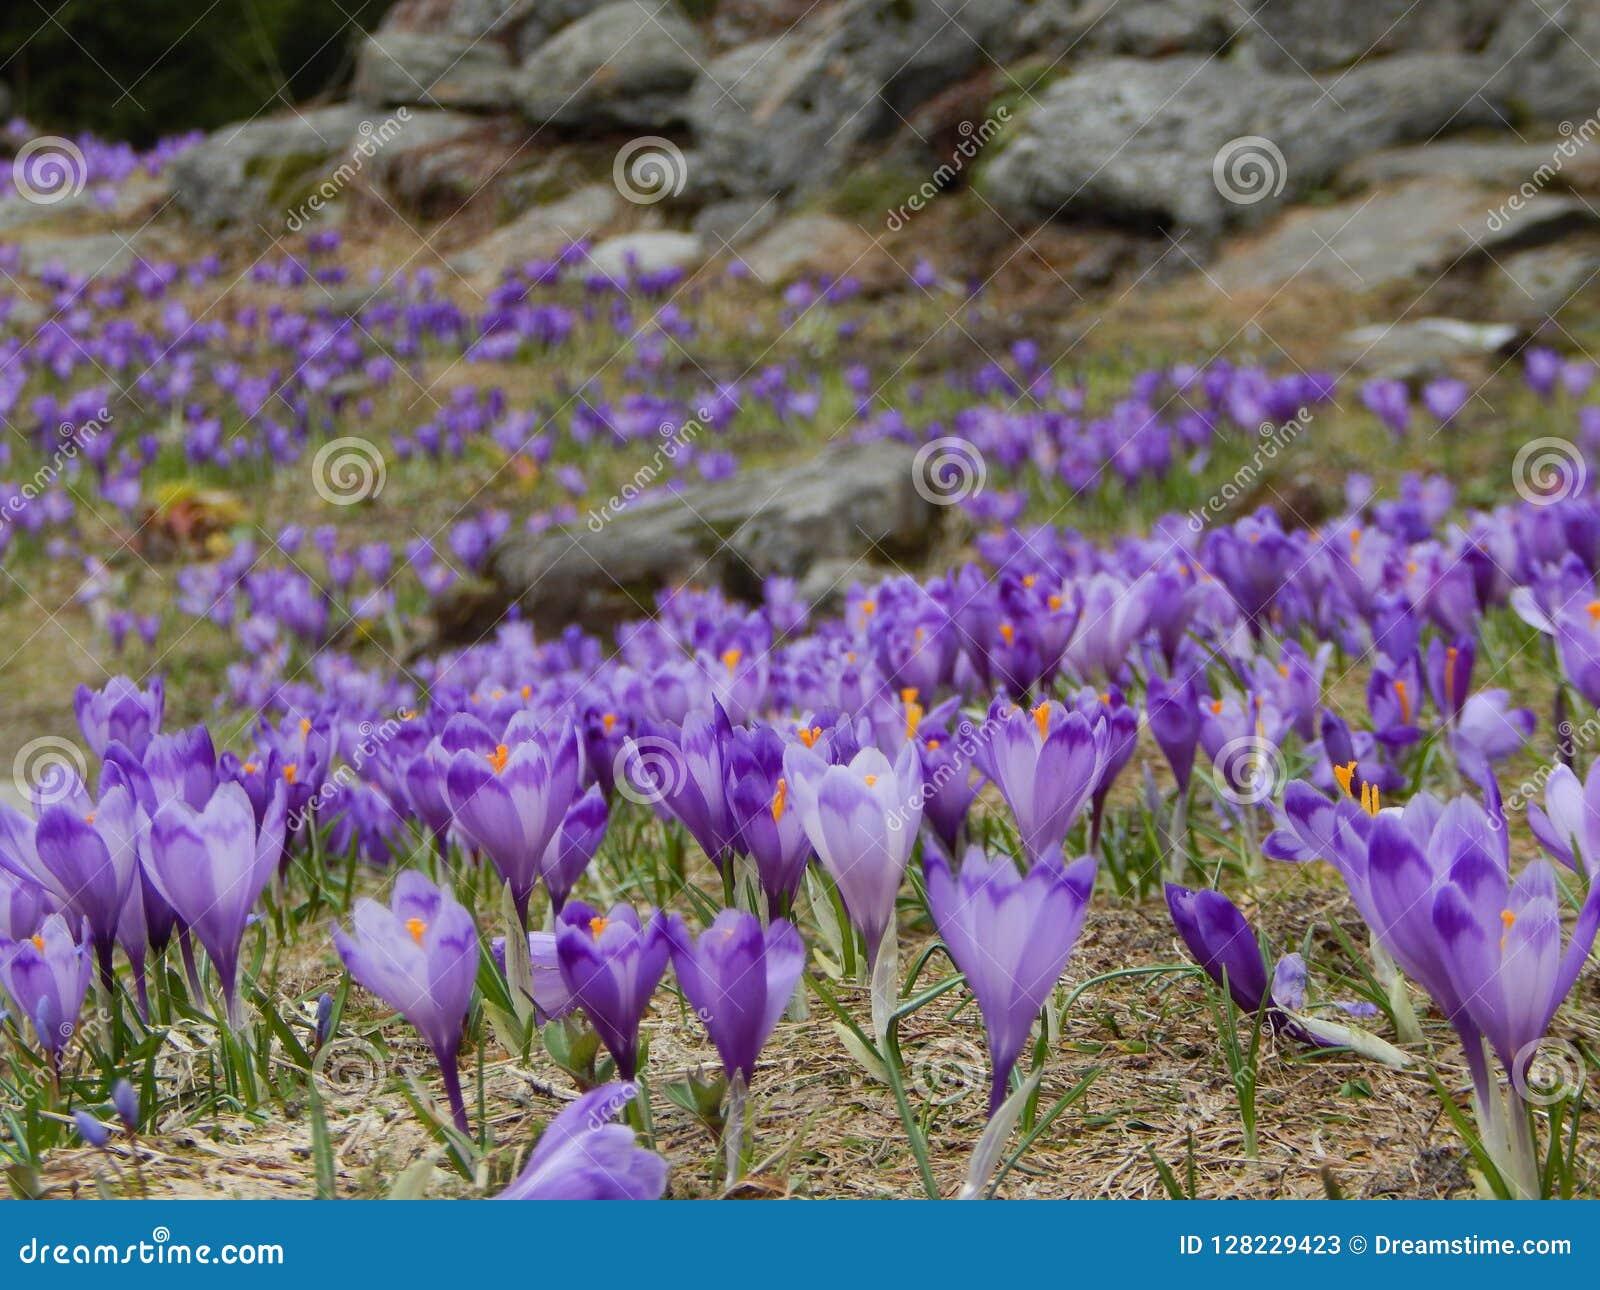 Foto Fiori Viola.Il Campo Della Primavera Fiorisce Il Croco Fiori Viola Immagine